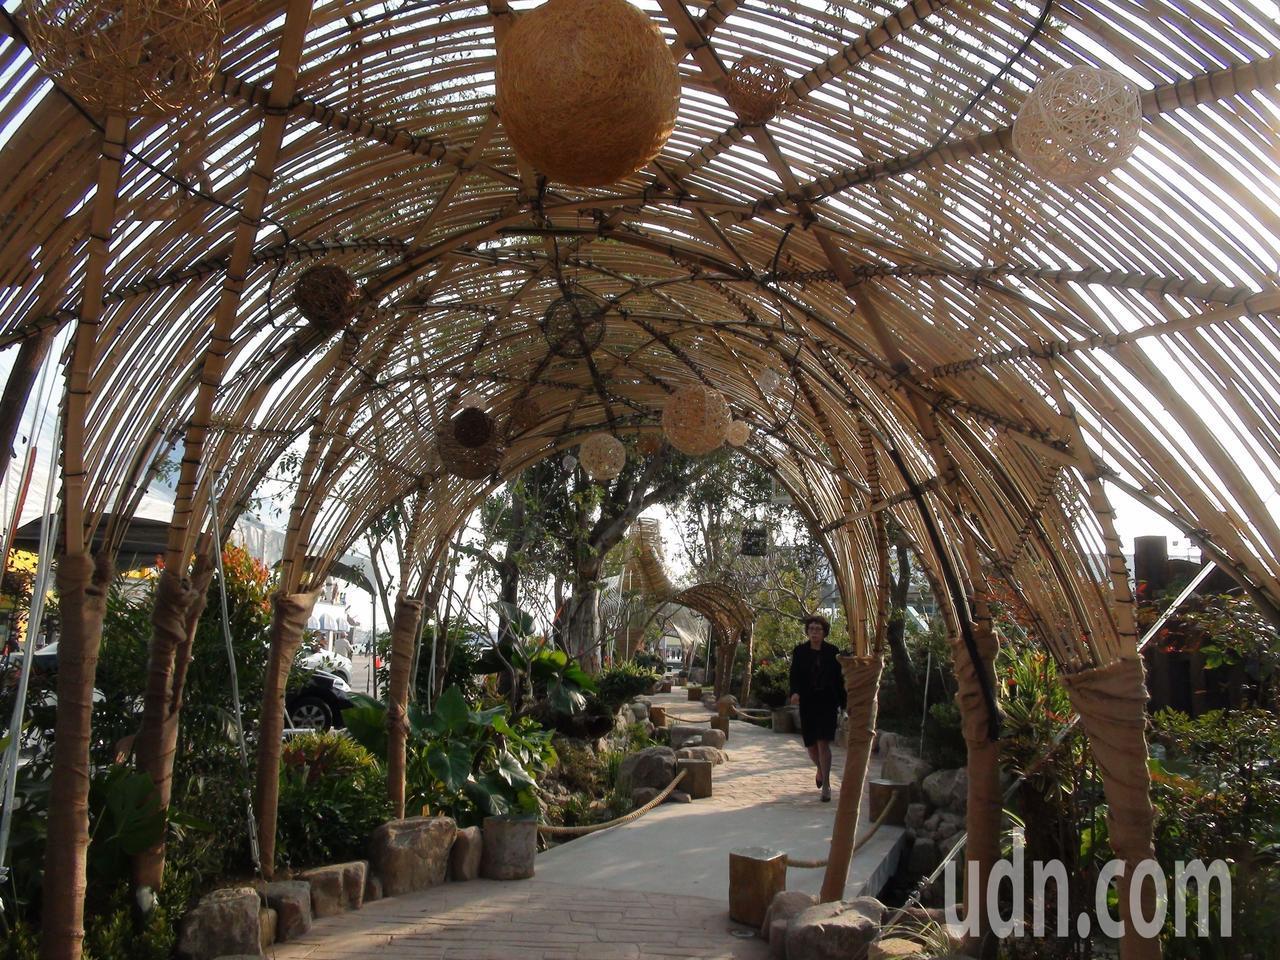 為吸引貳庫周邊觀光休憩人潮,特別規畫以花樹及四座竹編造景為設計元素,在蓬萊路旁設...